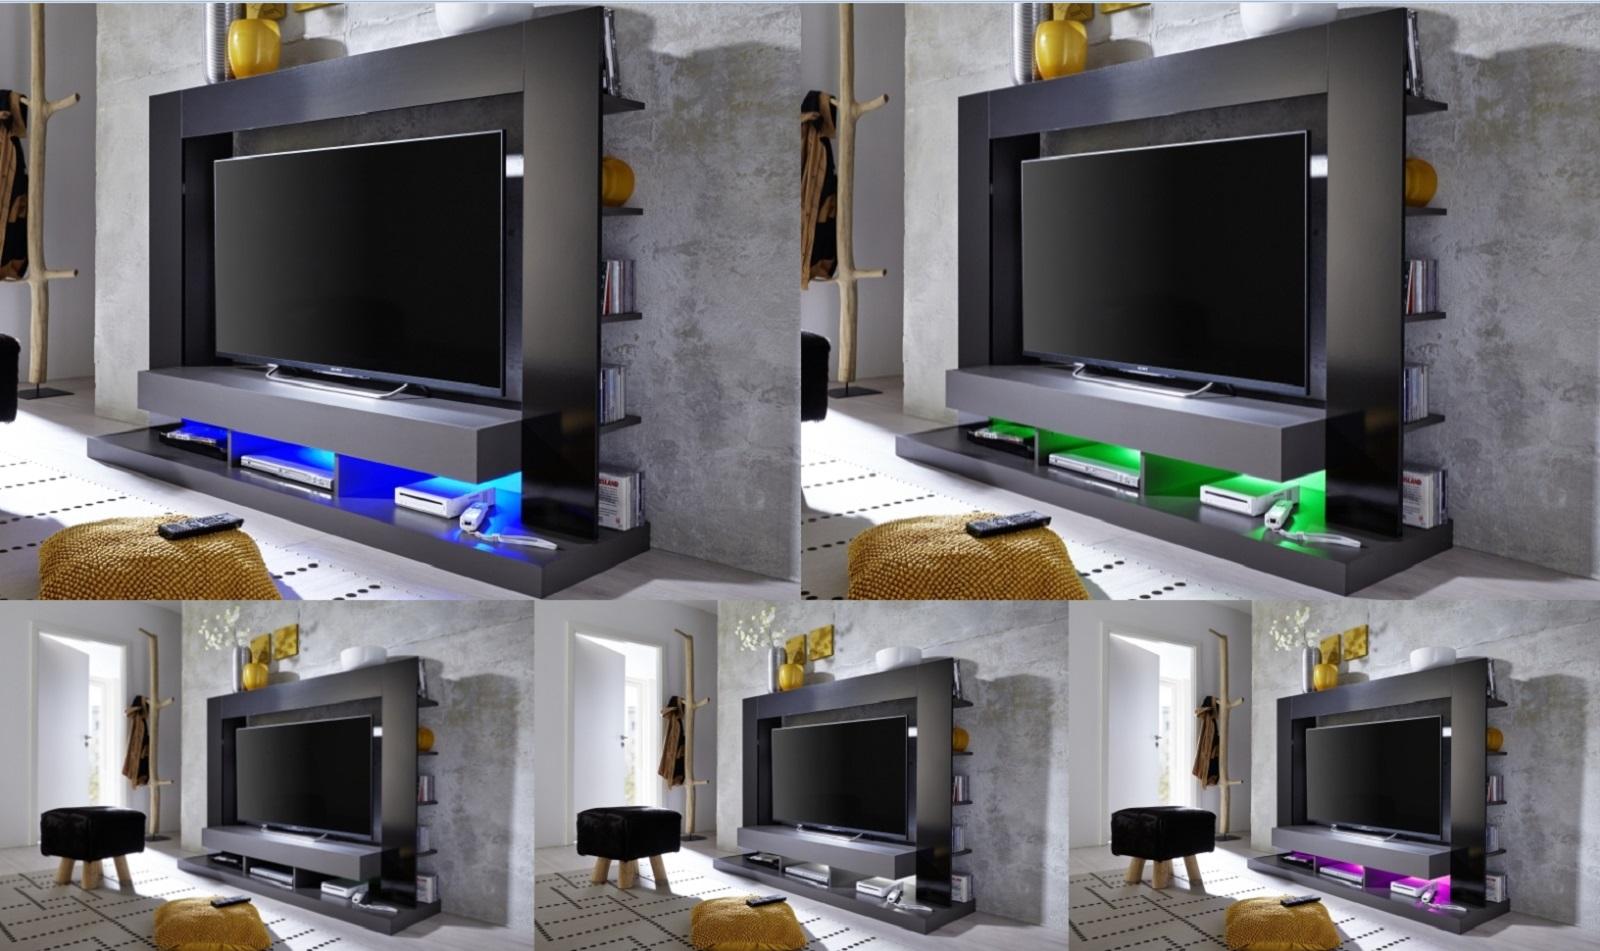 Wohnwand fernseh schrank mediencenter schwarz glanz grau for Wohnwand grau schwarz